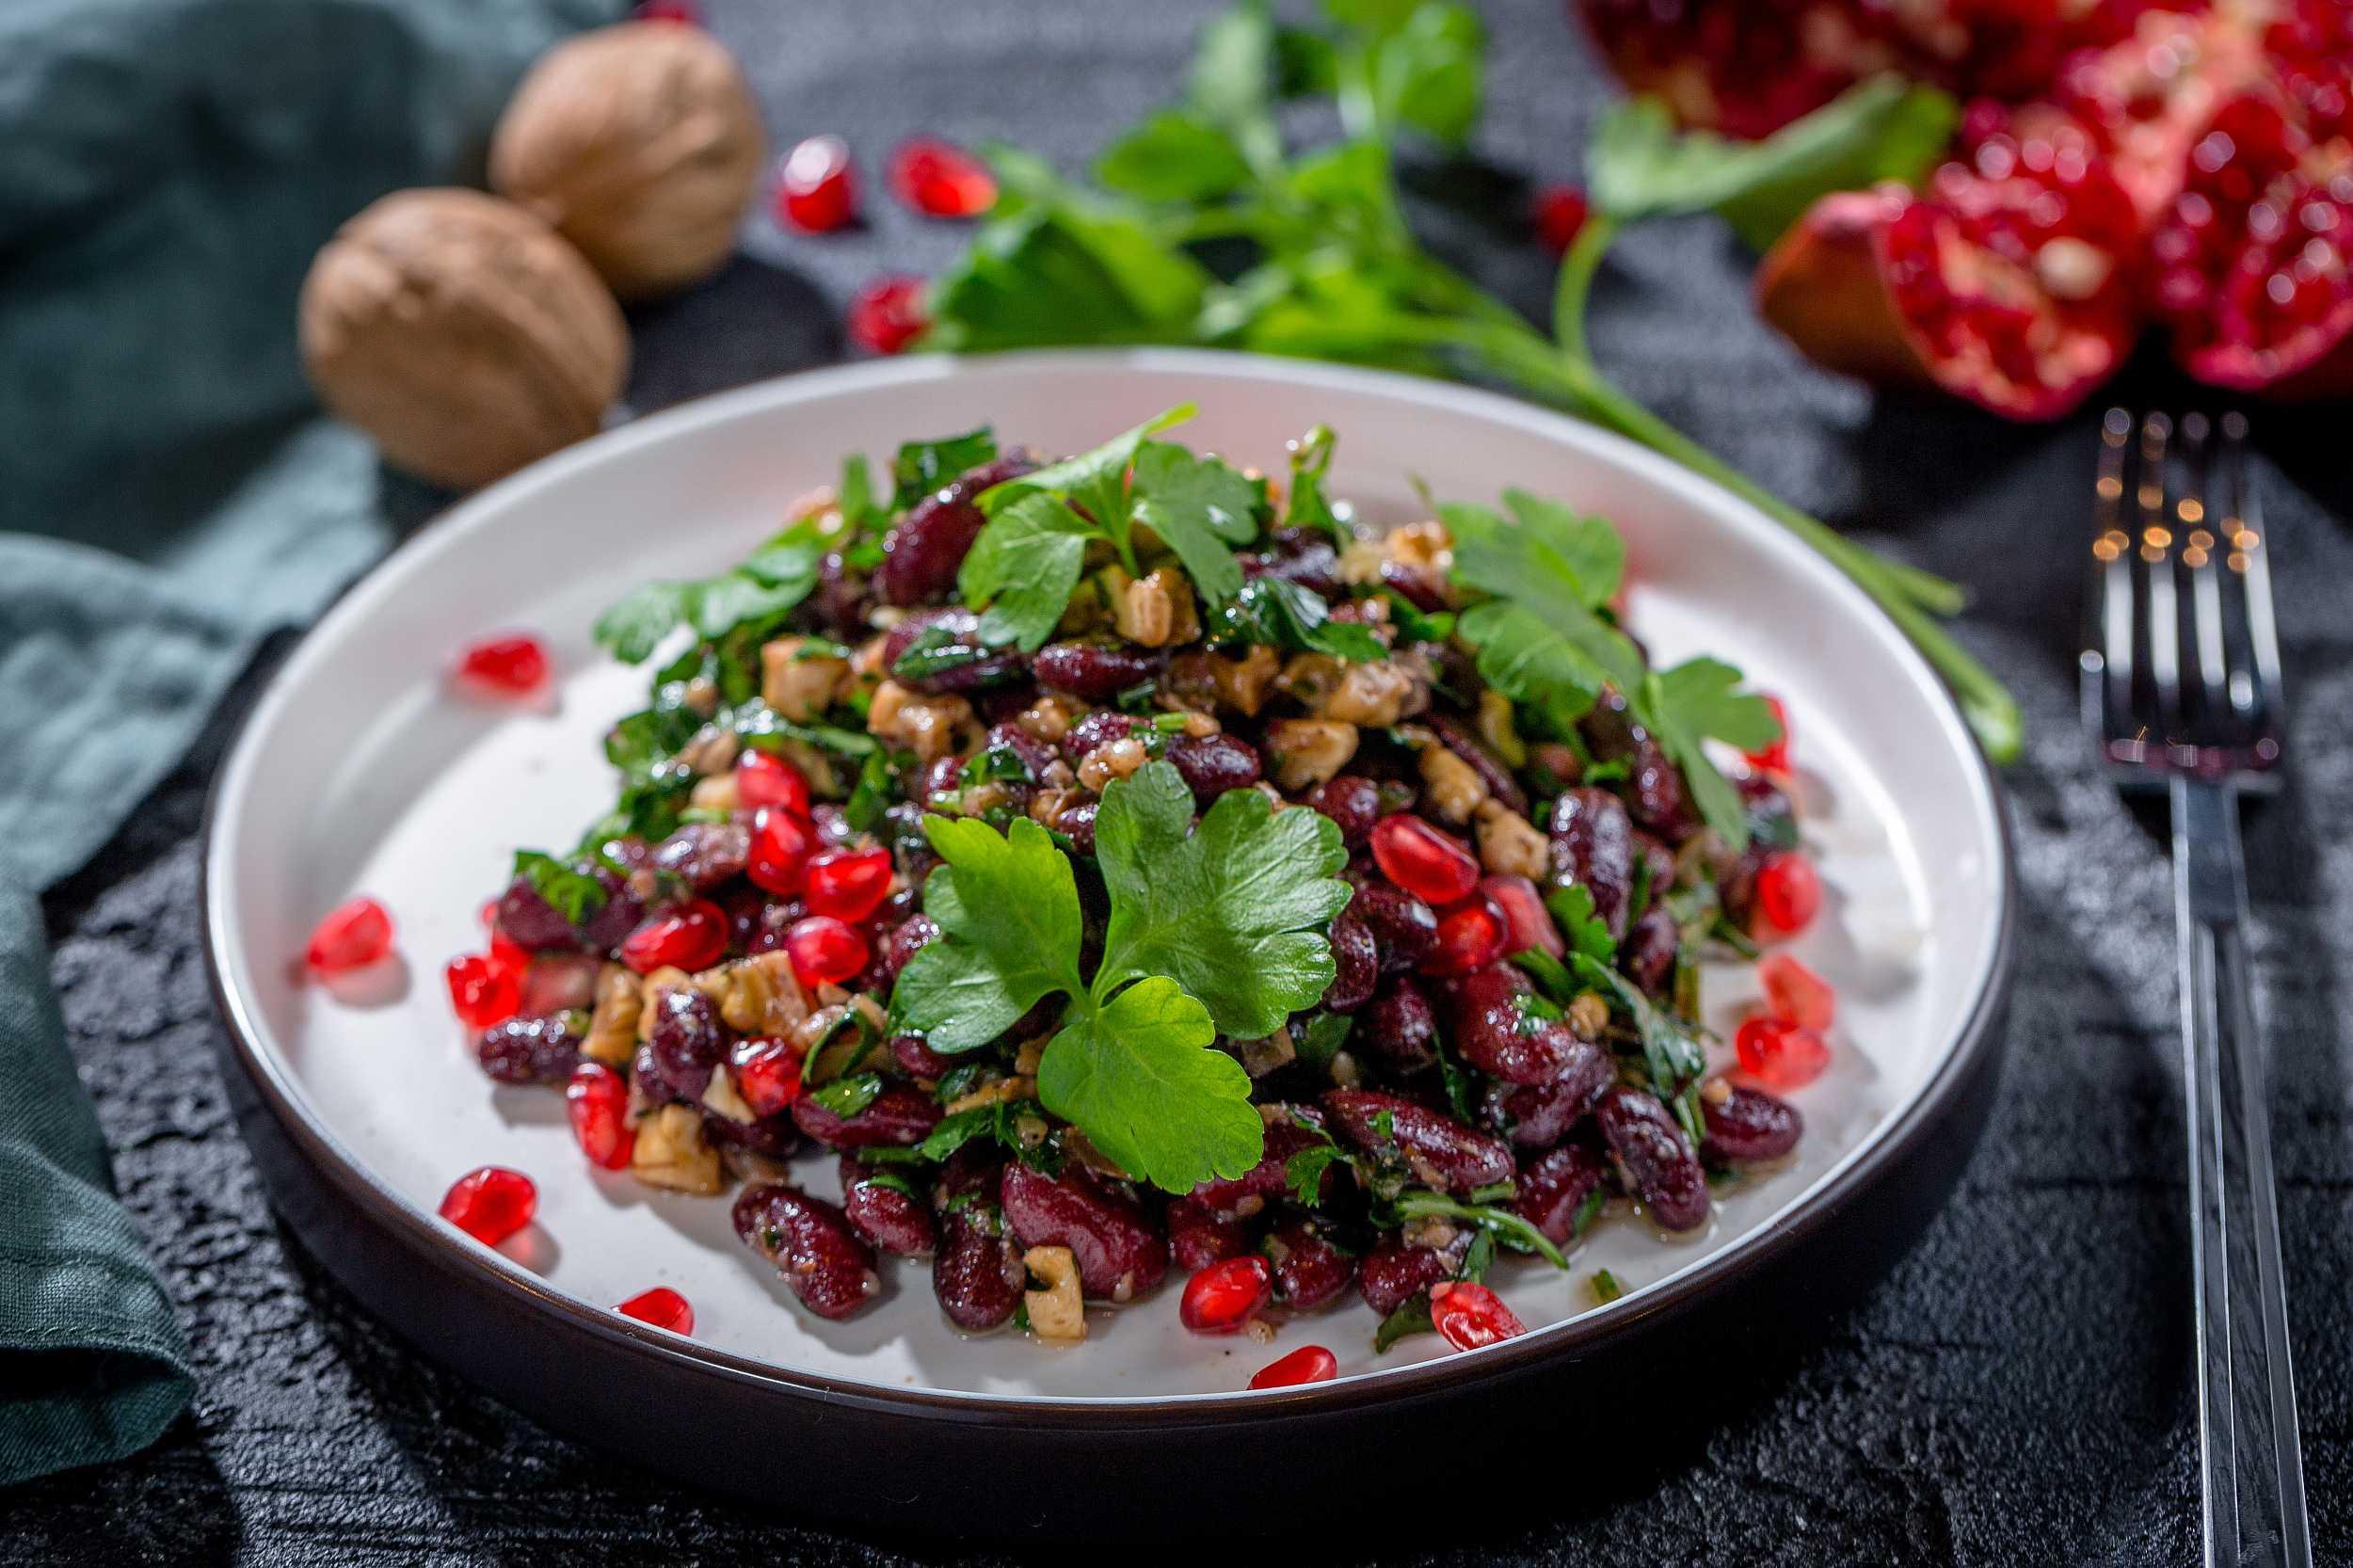 Салат из граната и грецких орехов – вкусный фото рецепт с курицей